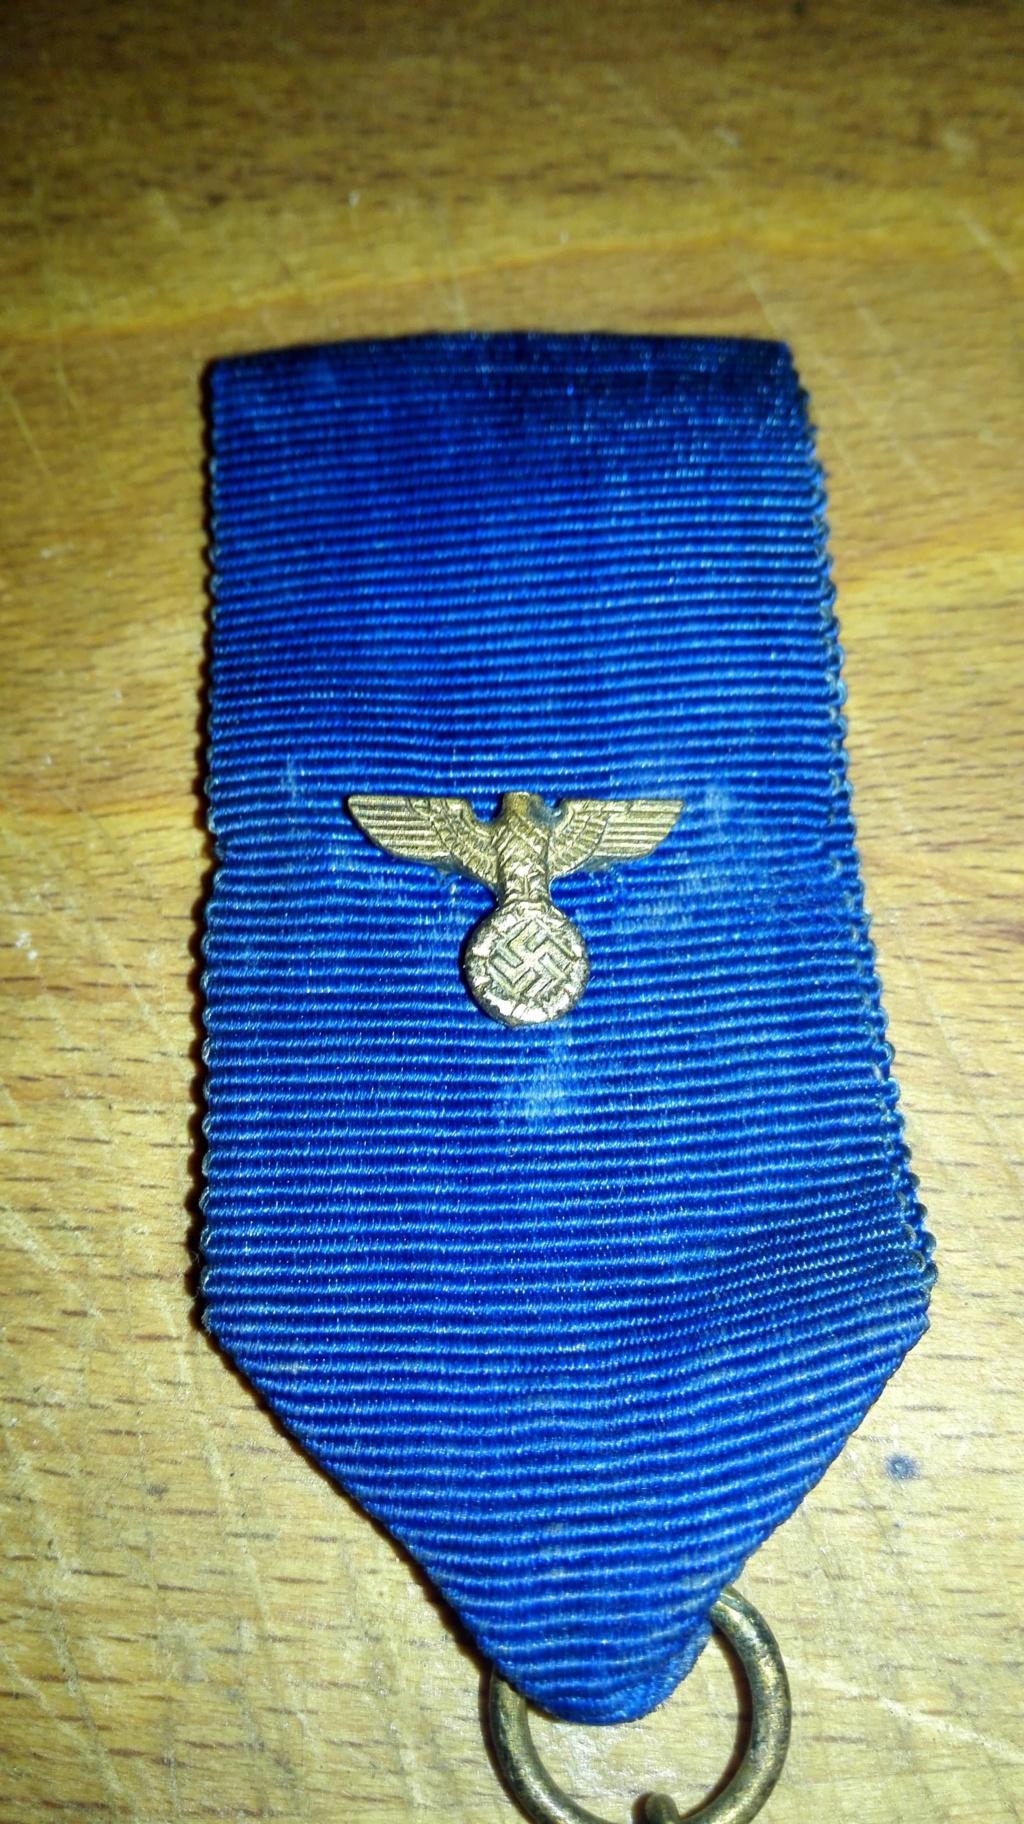 authentification pour cette medaille en vente sur le forum 35971612